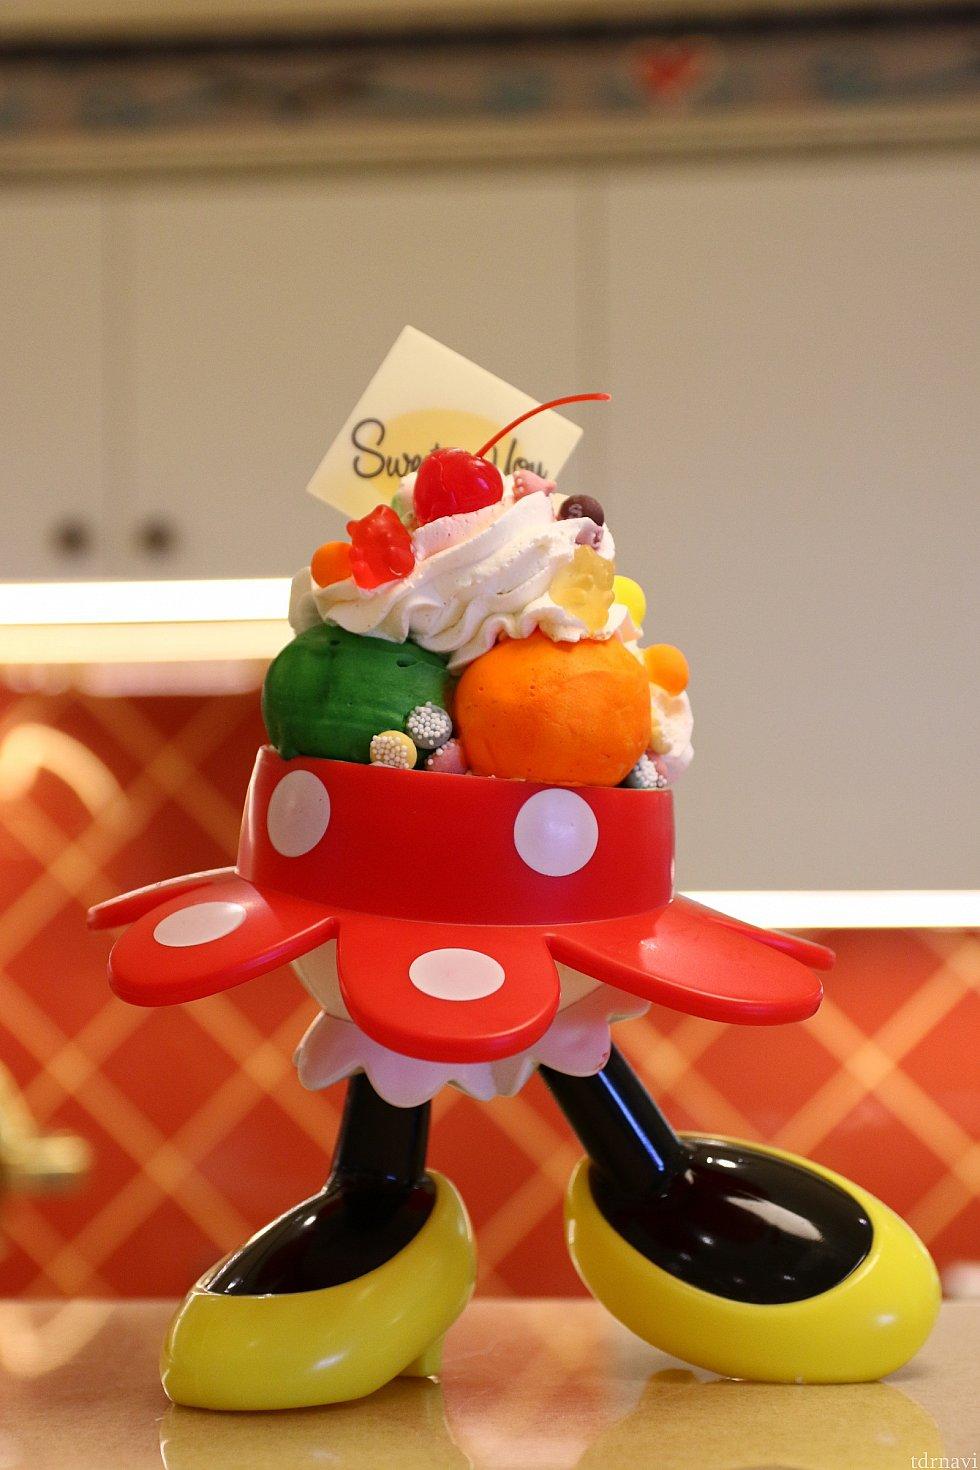 ミッキーとミニーのスーベニアが貰えるSignature Sundae  これは両方ともお店にあるサンプルです。